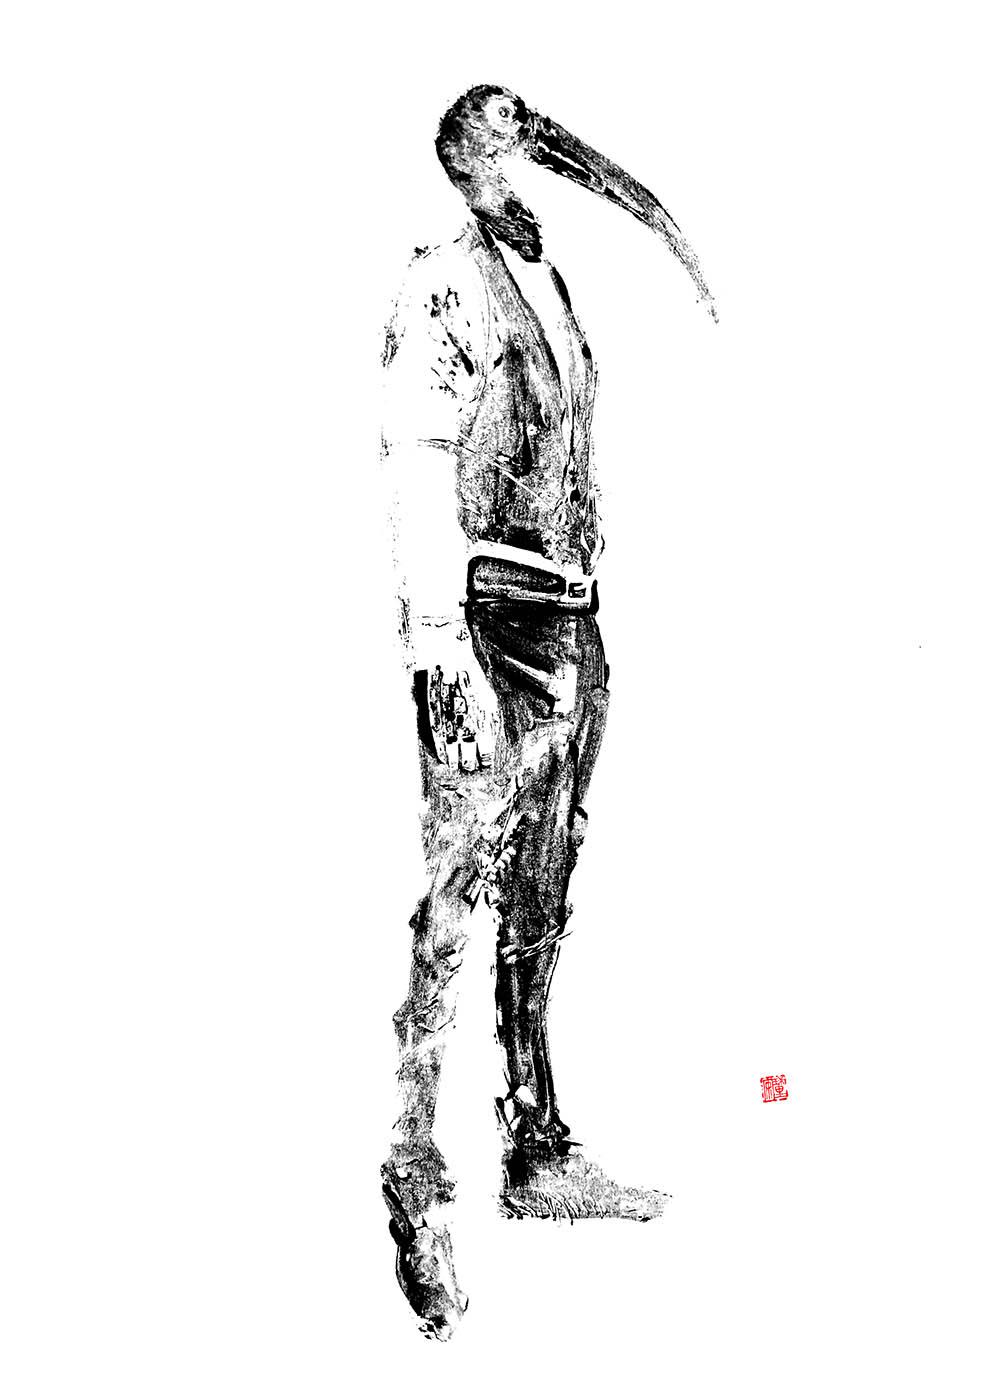 Horus, 70 x 100 cm, techniques mixtes sur papier